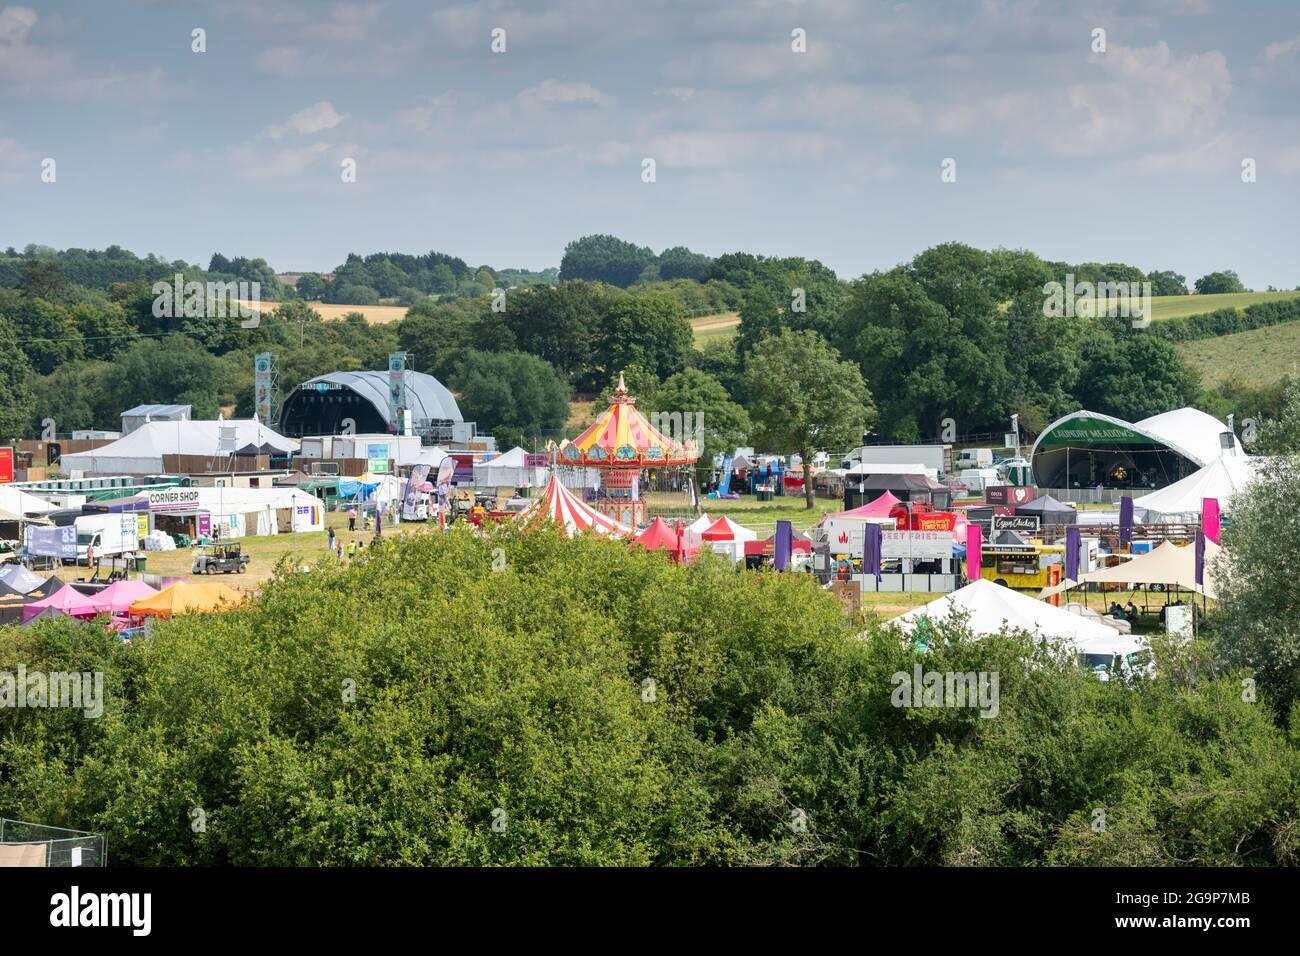 Una vista de la principal área de eventos en Standon Calling Music Festival 2021 Hertfordshire UK Foto de stock